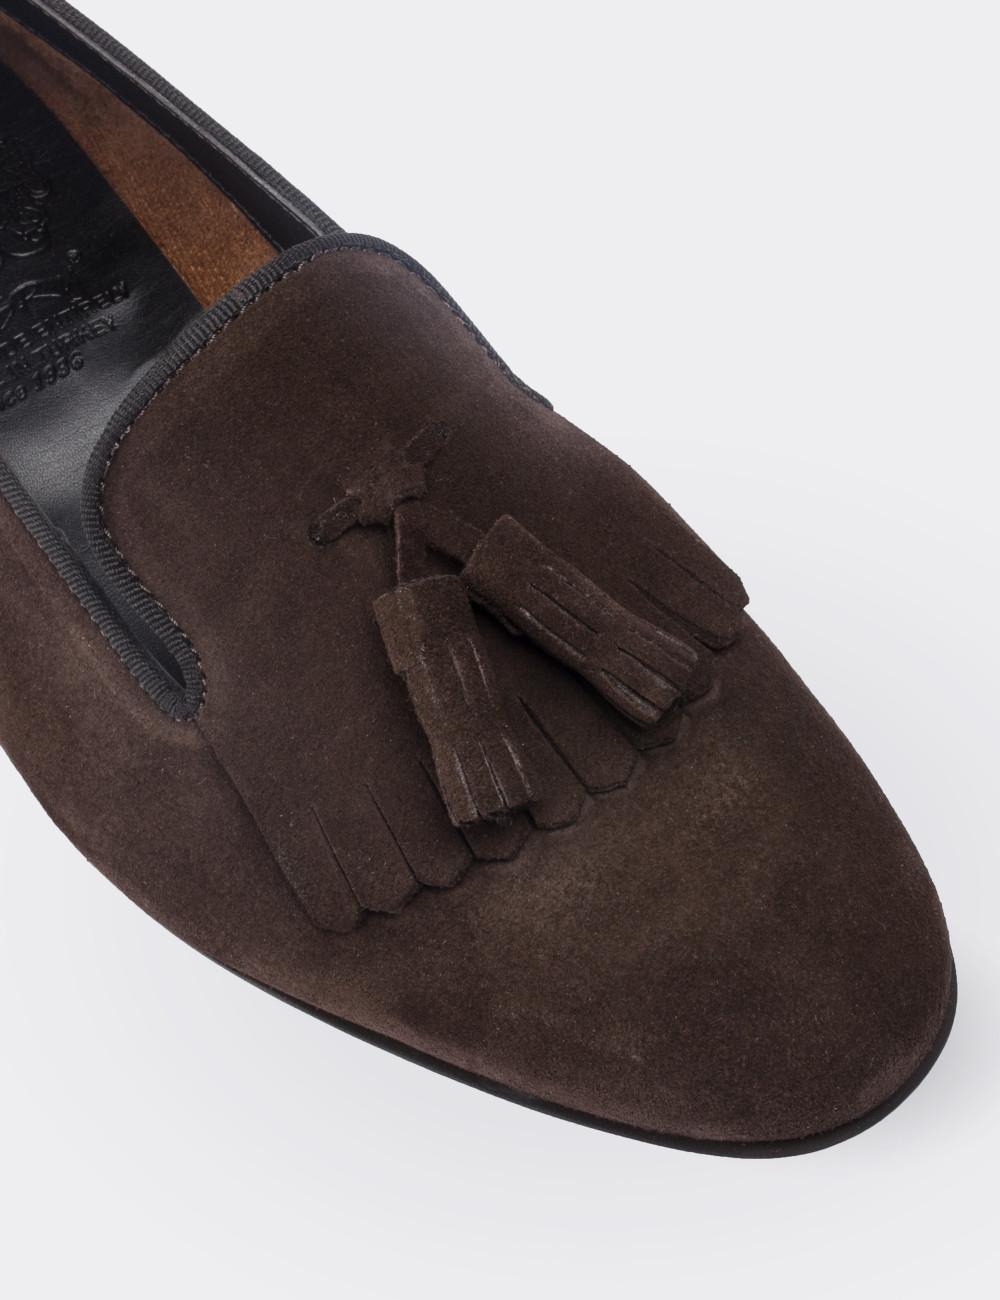 Hakiki Deri Kahverengi Süet Püsküllü Kadın Ayakkabı - 01612ZKHVM01